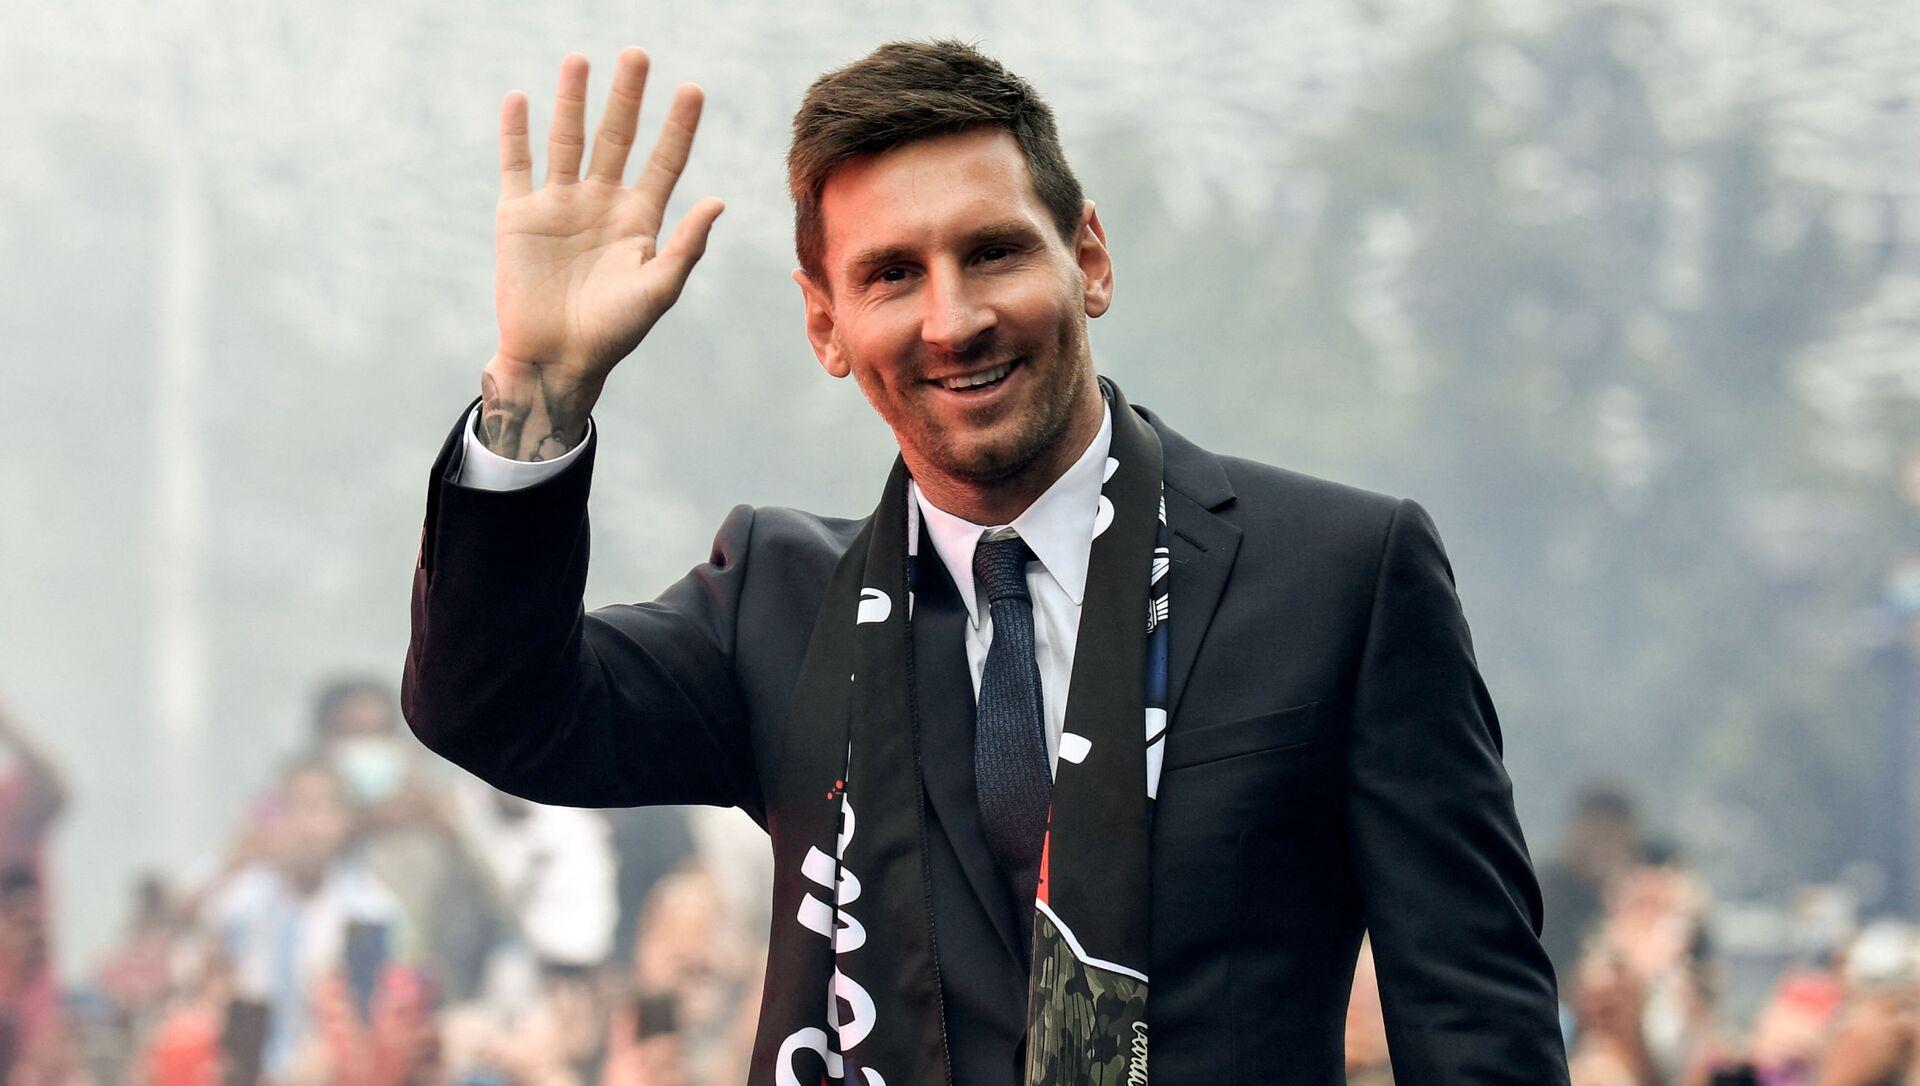 Lionel Messi à Paris, le 11 août - Sputnik France, 1920, 12.08.2021